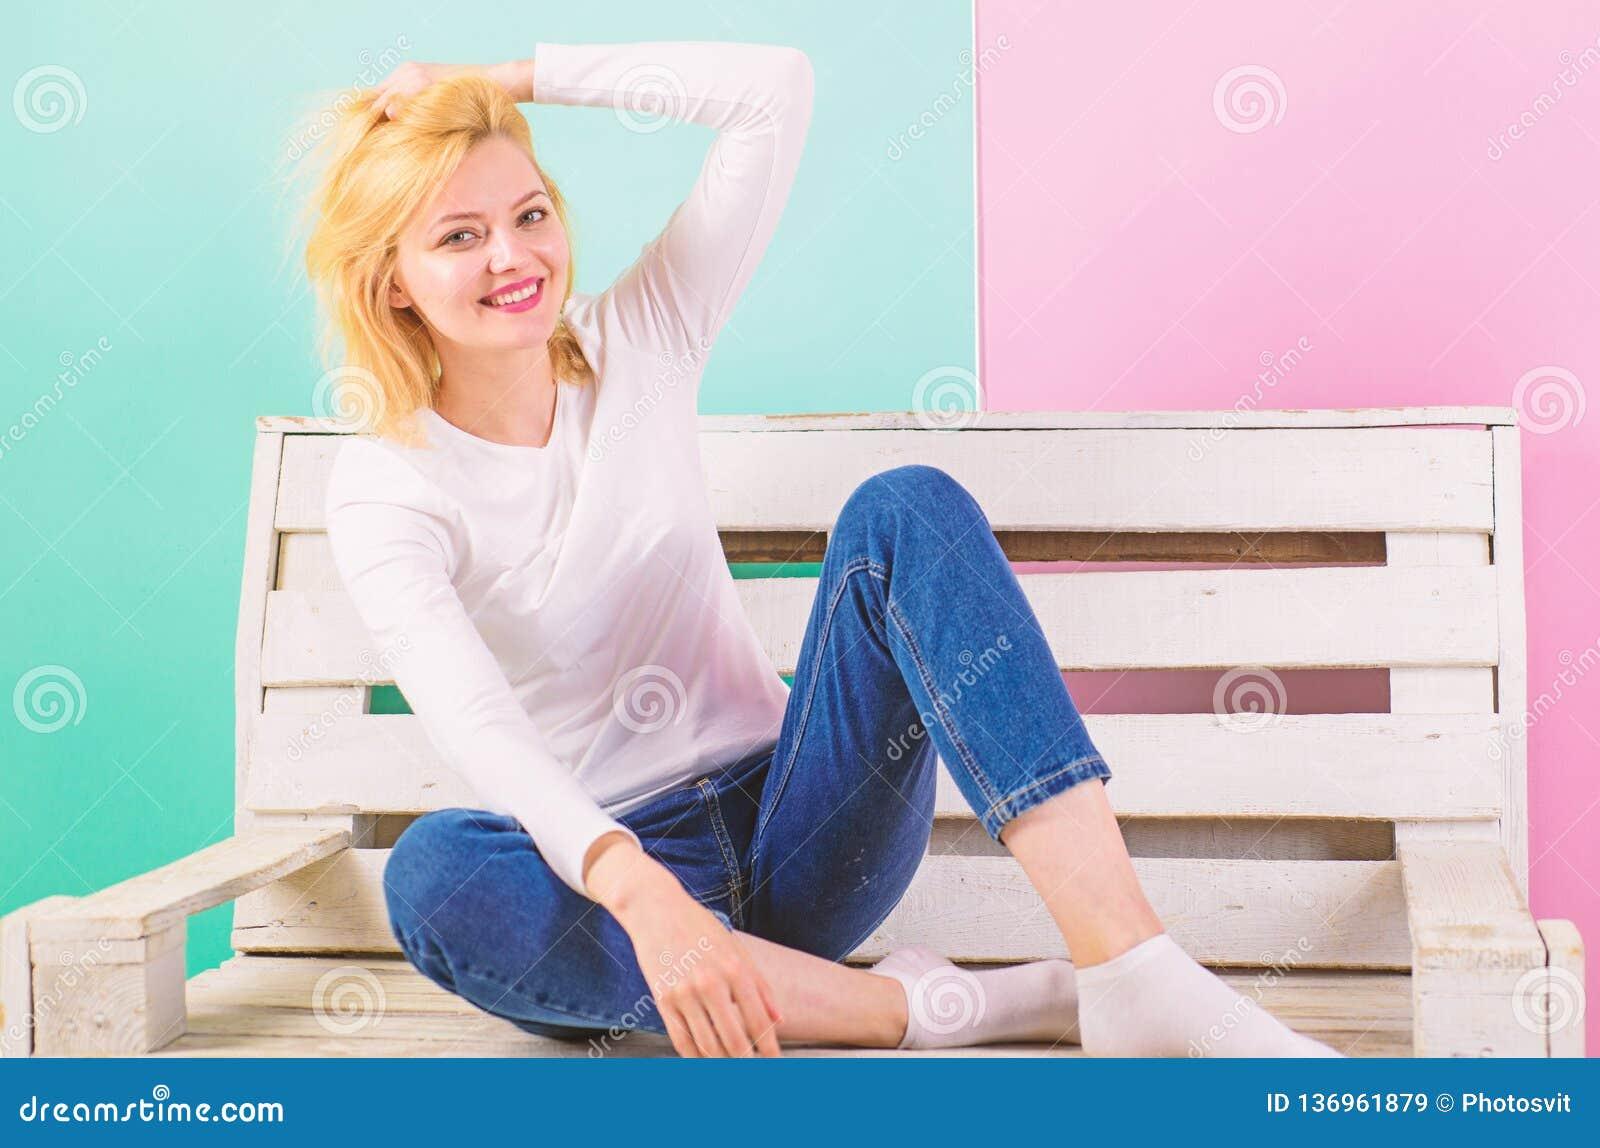 Flicka som är ursnygg även i enkel stildressing enkel skönhet Hon är enkelt ursnygg Härligt leende för ung kvinna medan